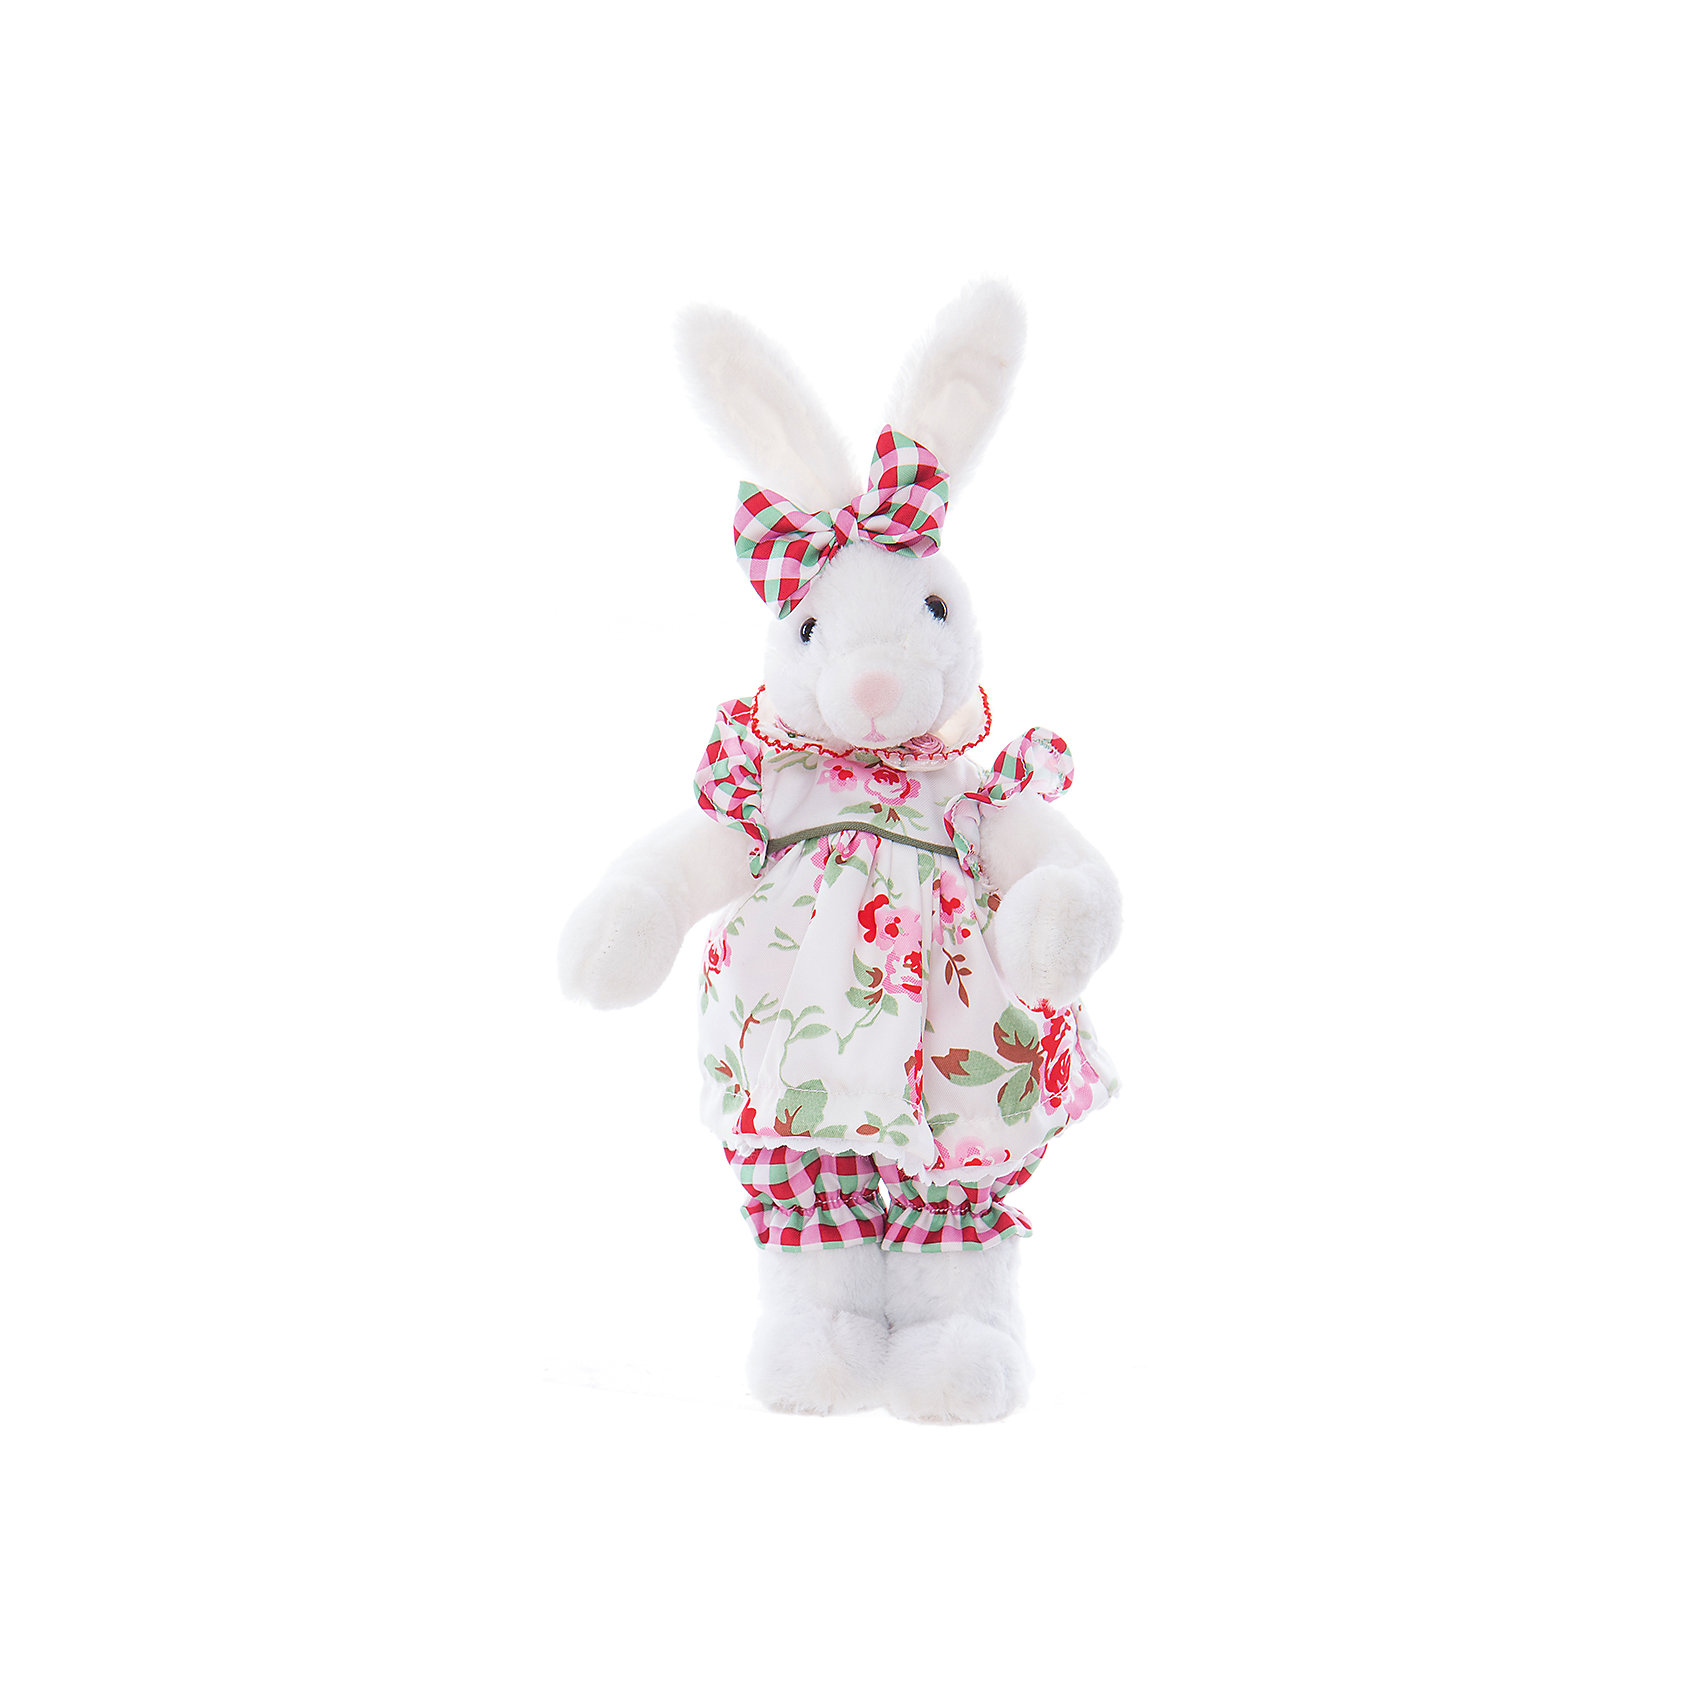 Интерьерная кукла Зайчик C21-168338, EstroХарактеристики интерьерной куклы:<br><br>- размеры: 25*12*8 см. <br>- тип игрушки: животные, мягкая игрушка<br>- персонаж: заяц<br>- вид упаковки: коробка<br>- возрастные ограничения: 3+<br>- комплектация: игрушка <br>- состав: дерево, полиэстер, текстиль, полиэфир <br>- материал изготовления: высококачественный пластик, полиэстер, ткань<br>- стиль: классический, прованс<br>- бренд: Estro <br>- страна бренда: Италия<br>- страна производитель: Китай<br><br>Интерьерная кукла торговой марки Estro белый зайчик станет хорошей находкой для себя или подарком для подруги, придаст оригинальности Вашему интерьеру, принесет уют в Ваш дом. Дизайн куклы проработан, учитывая все подробности. Все элементы аккуратно выбраны и удачно подходят друг к другу. Современная кукла итальянской торговой марки Estro будет прекрасным выбором для любой коллекции.  При ее изготовлении применяются только качественные, высококлассные материалы.<br><br>Интерьерную куклу заяц итальянской торговой марки Estro можно купить в нашем интернет-магазине.<br><br>Ширина мм: 100<br>Глубина мм: 150<br>Высота мм: 400<br>Вес г: 333<br>Возраст от месяцев: 36<br>Возраст до месяцев: 1188<br>Пол: Женский<br>Возраст: Детский<br>SKU: 5356620